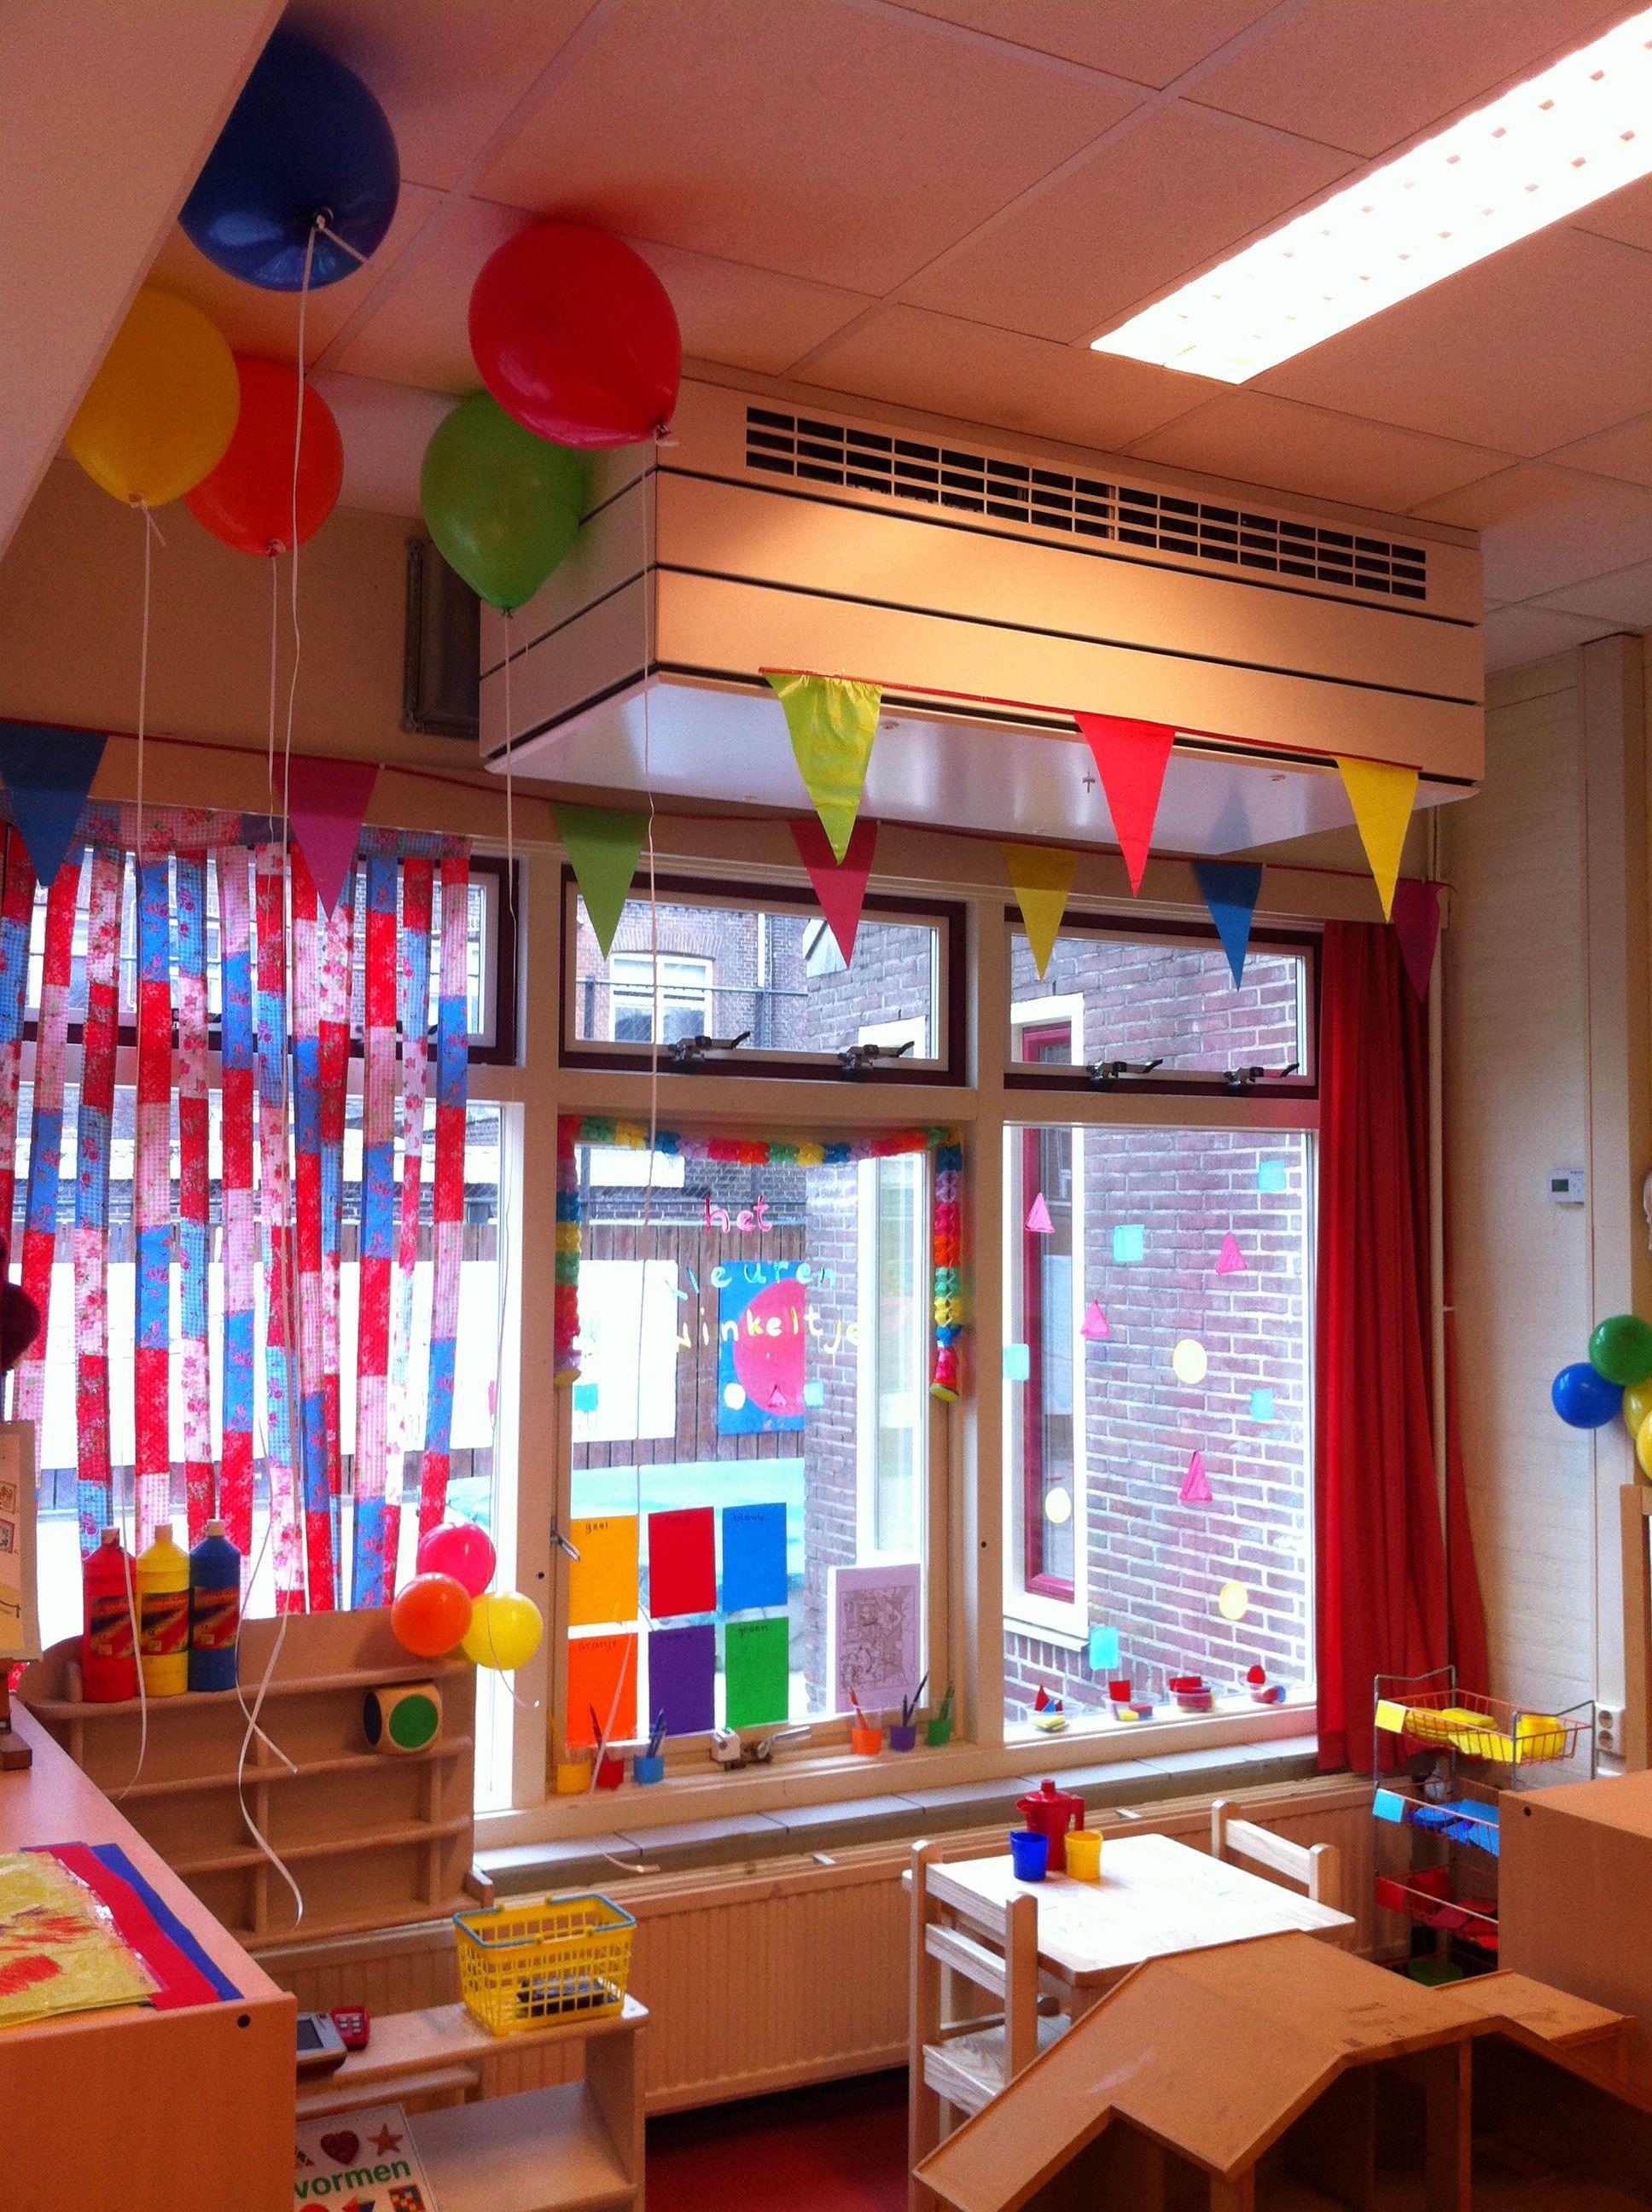 Het Kleurenwinkeltje is geopend met helium ballonnen!